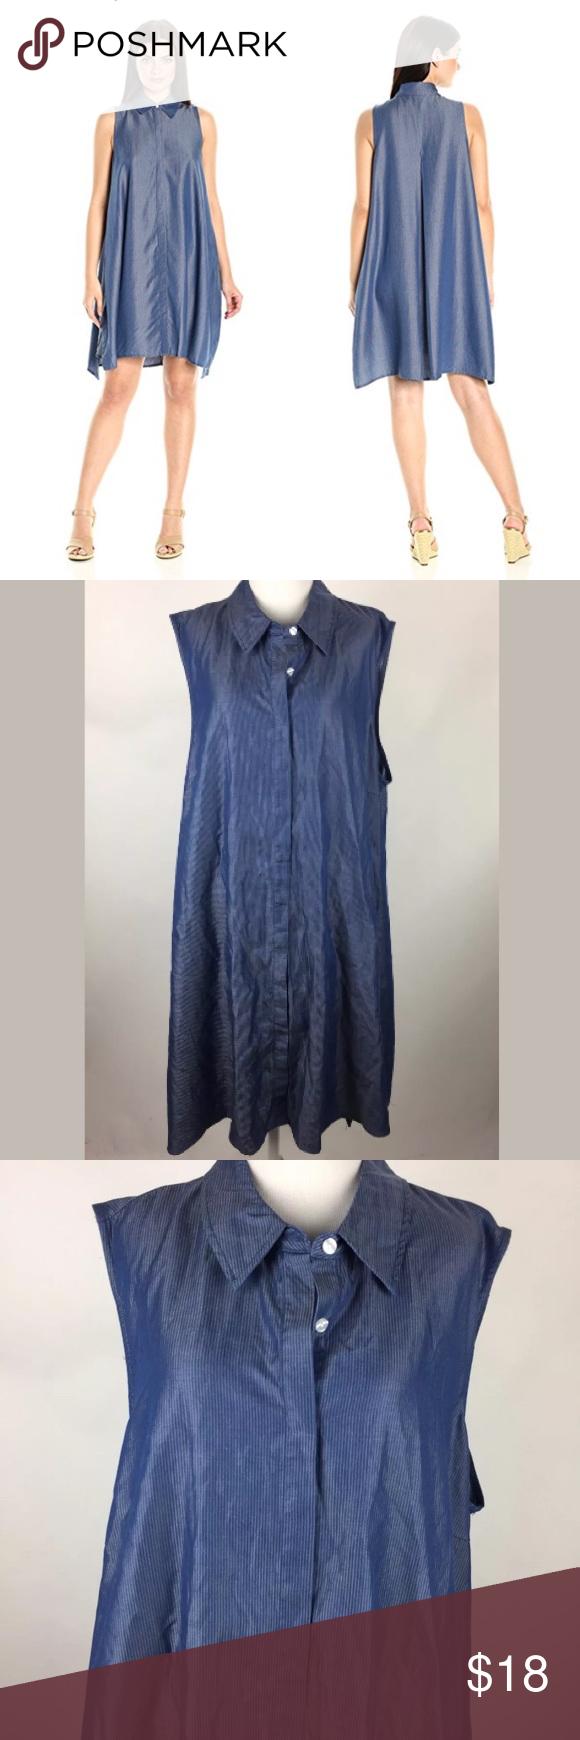 Sharagano Womens Denim Shirt Dress Bcd Tofu House